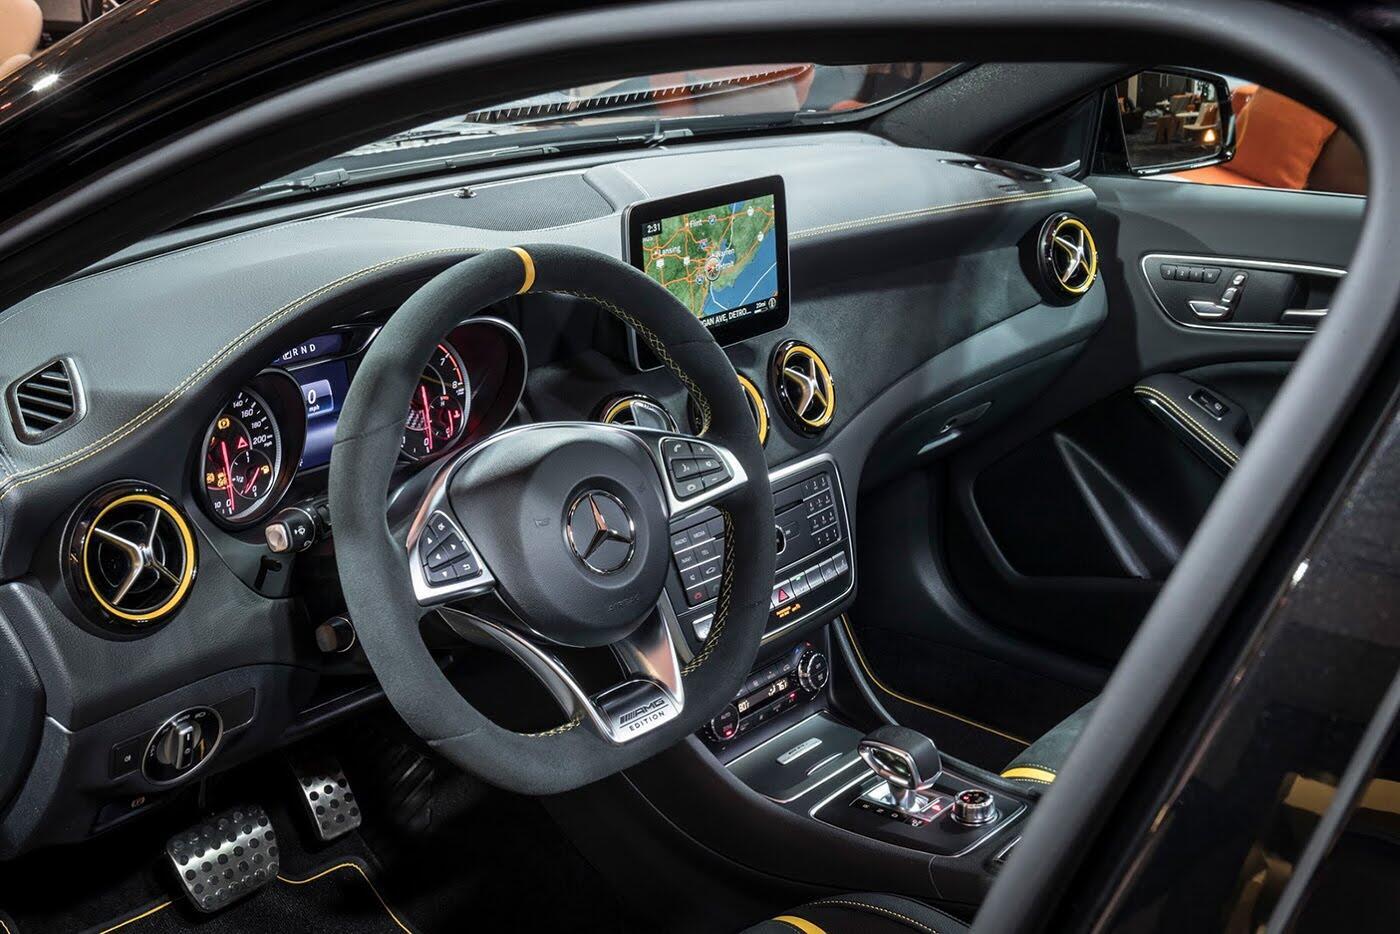 Mercedes GLA bản nâng cấp có giá từ 43.900 USD - Hình 5